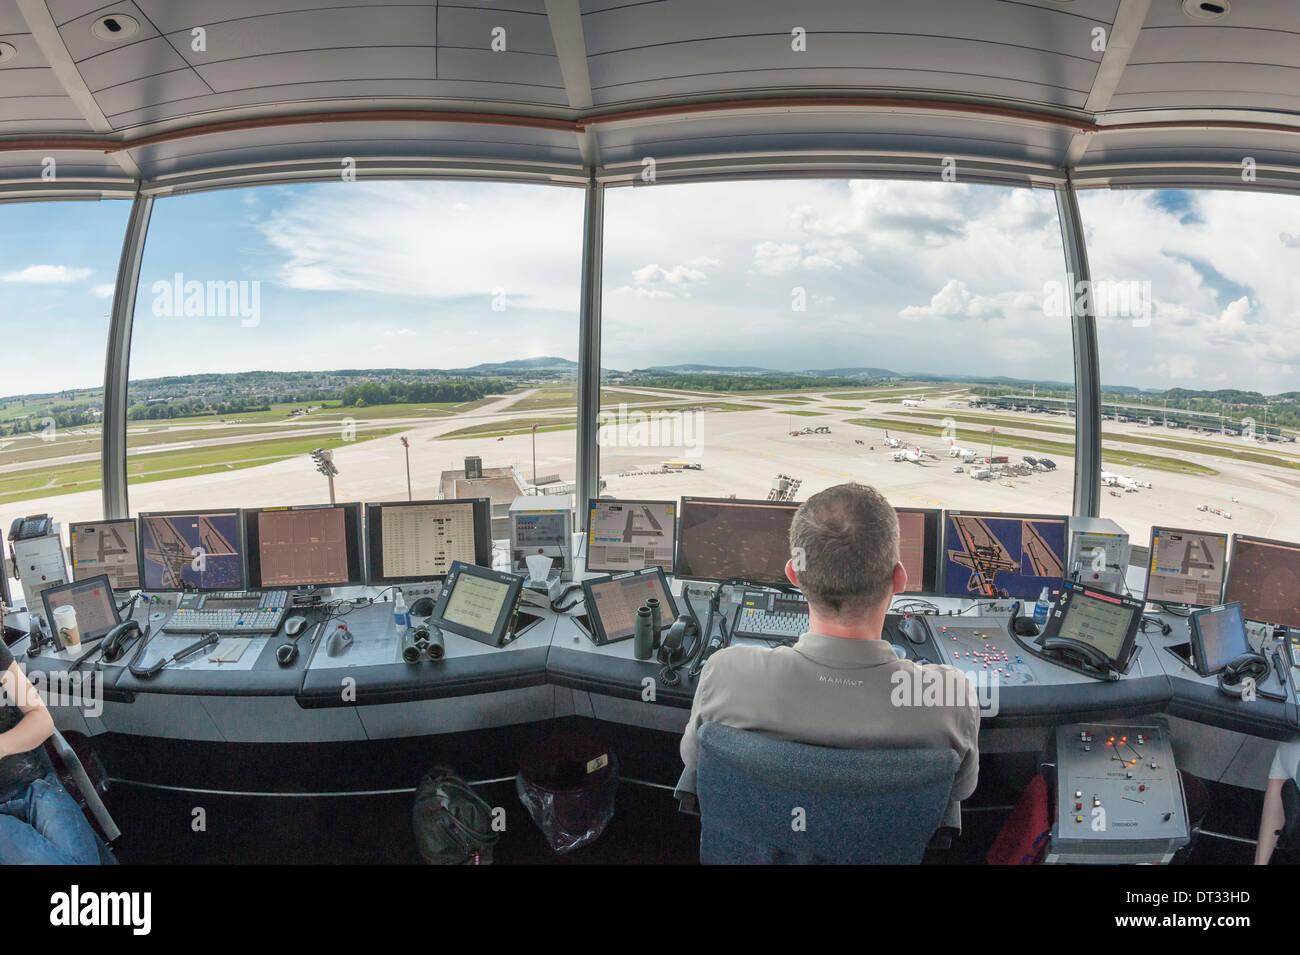 Controladores de tráfico aéreo en la torre de control del aeropuerto internacional de Zúrich Kloten/están supervisando el aeródromo del aeropuerto. Foto de stock